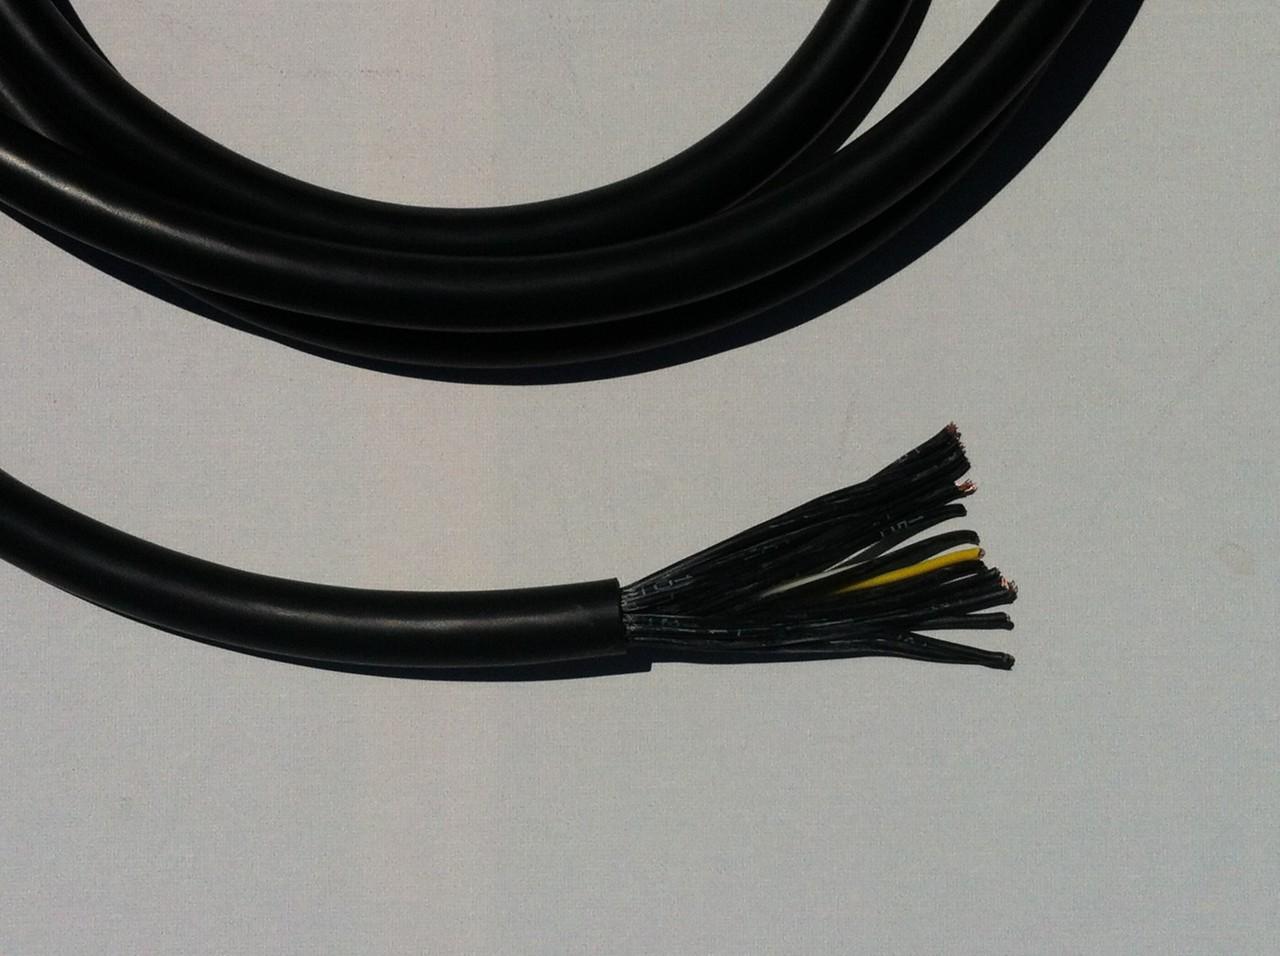 18 Core 1.5mm PVC Cable Black - SHOWTECHNIX